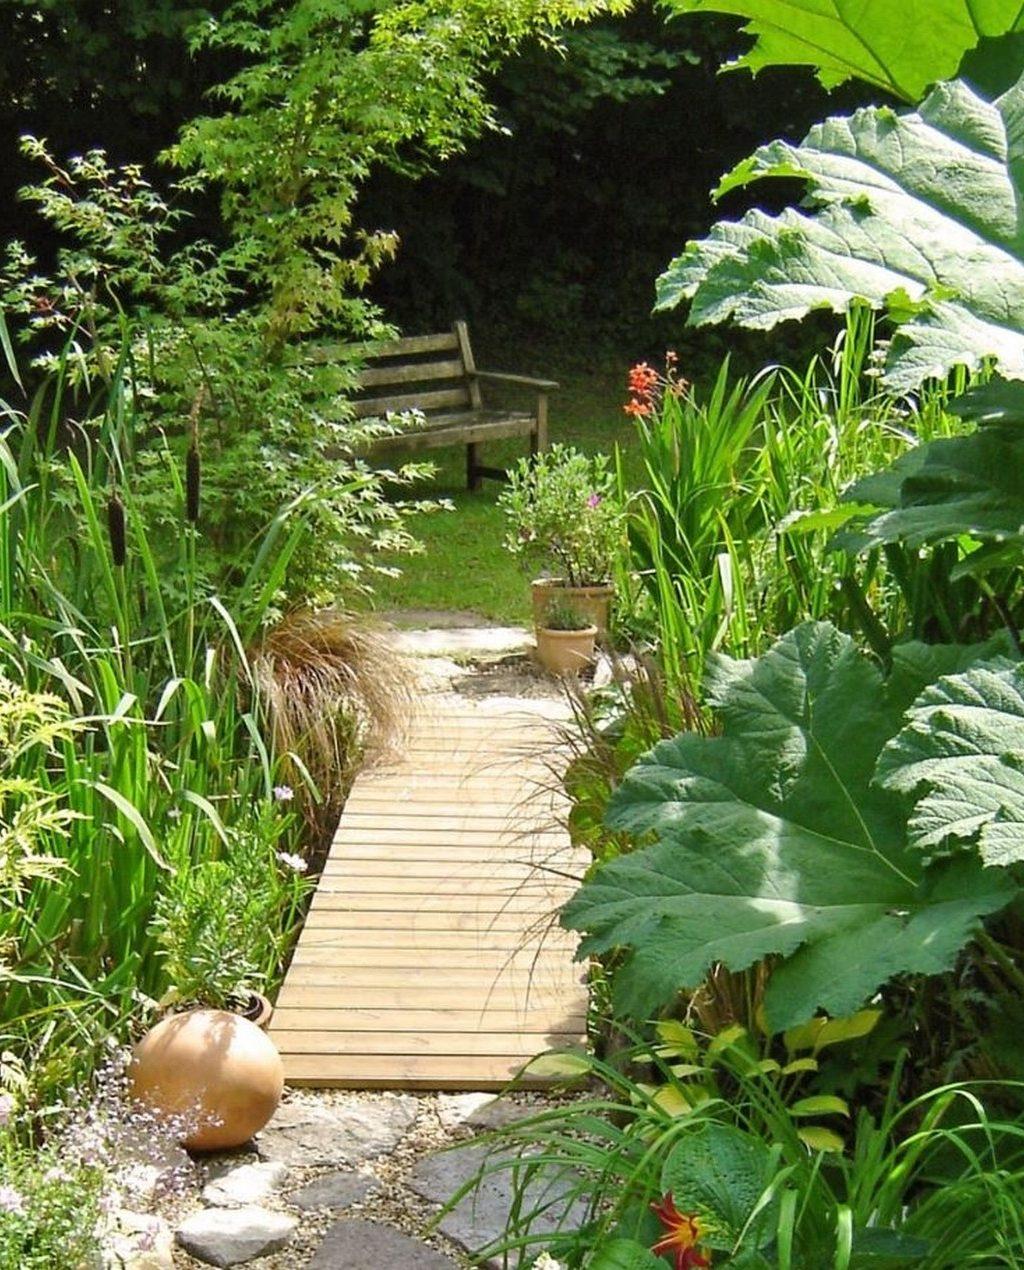 Greenspace Garden Design - Large Wildlife Garden - Pond after